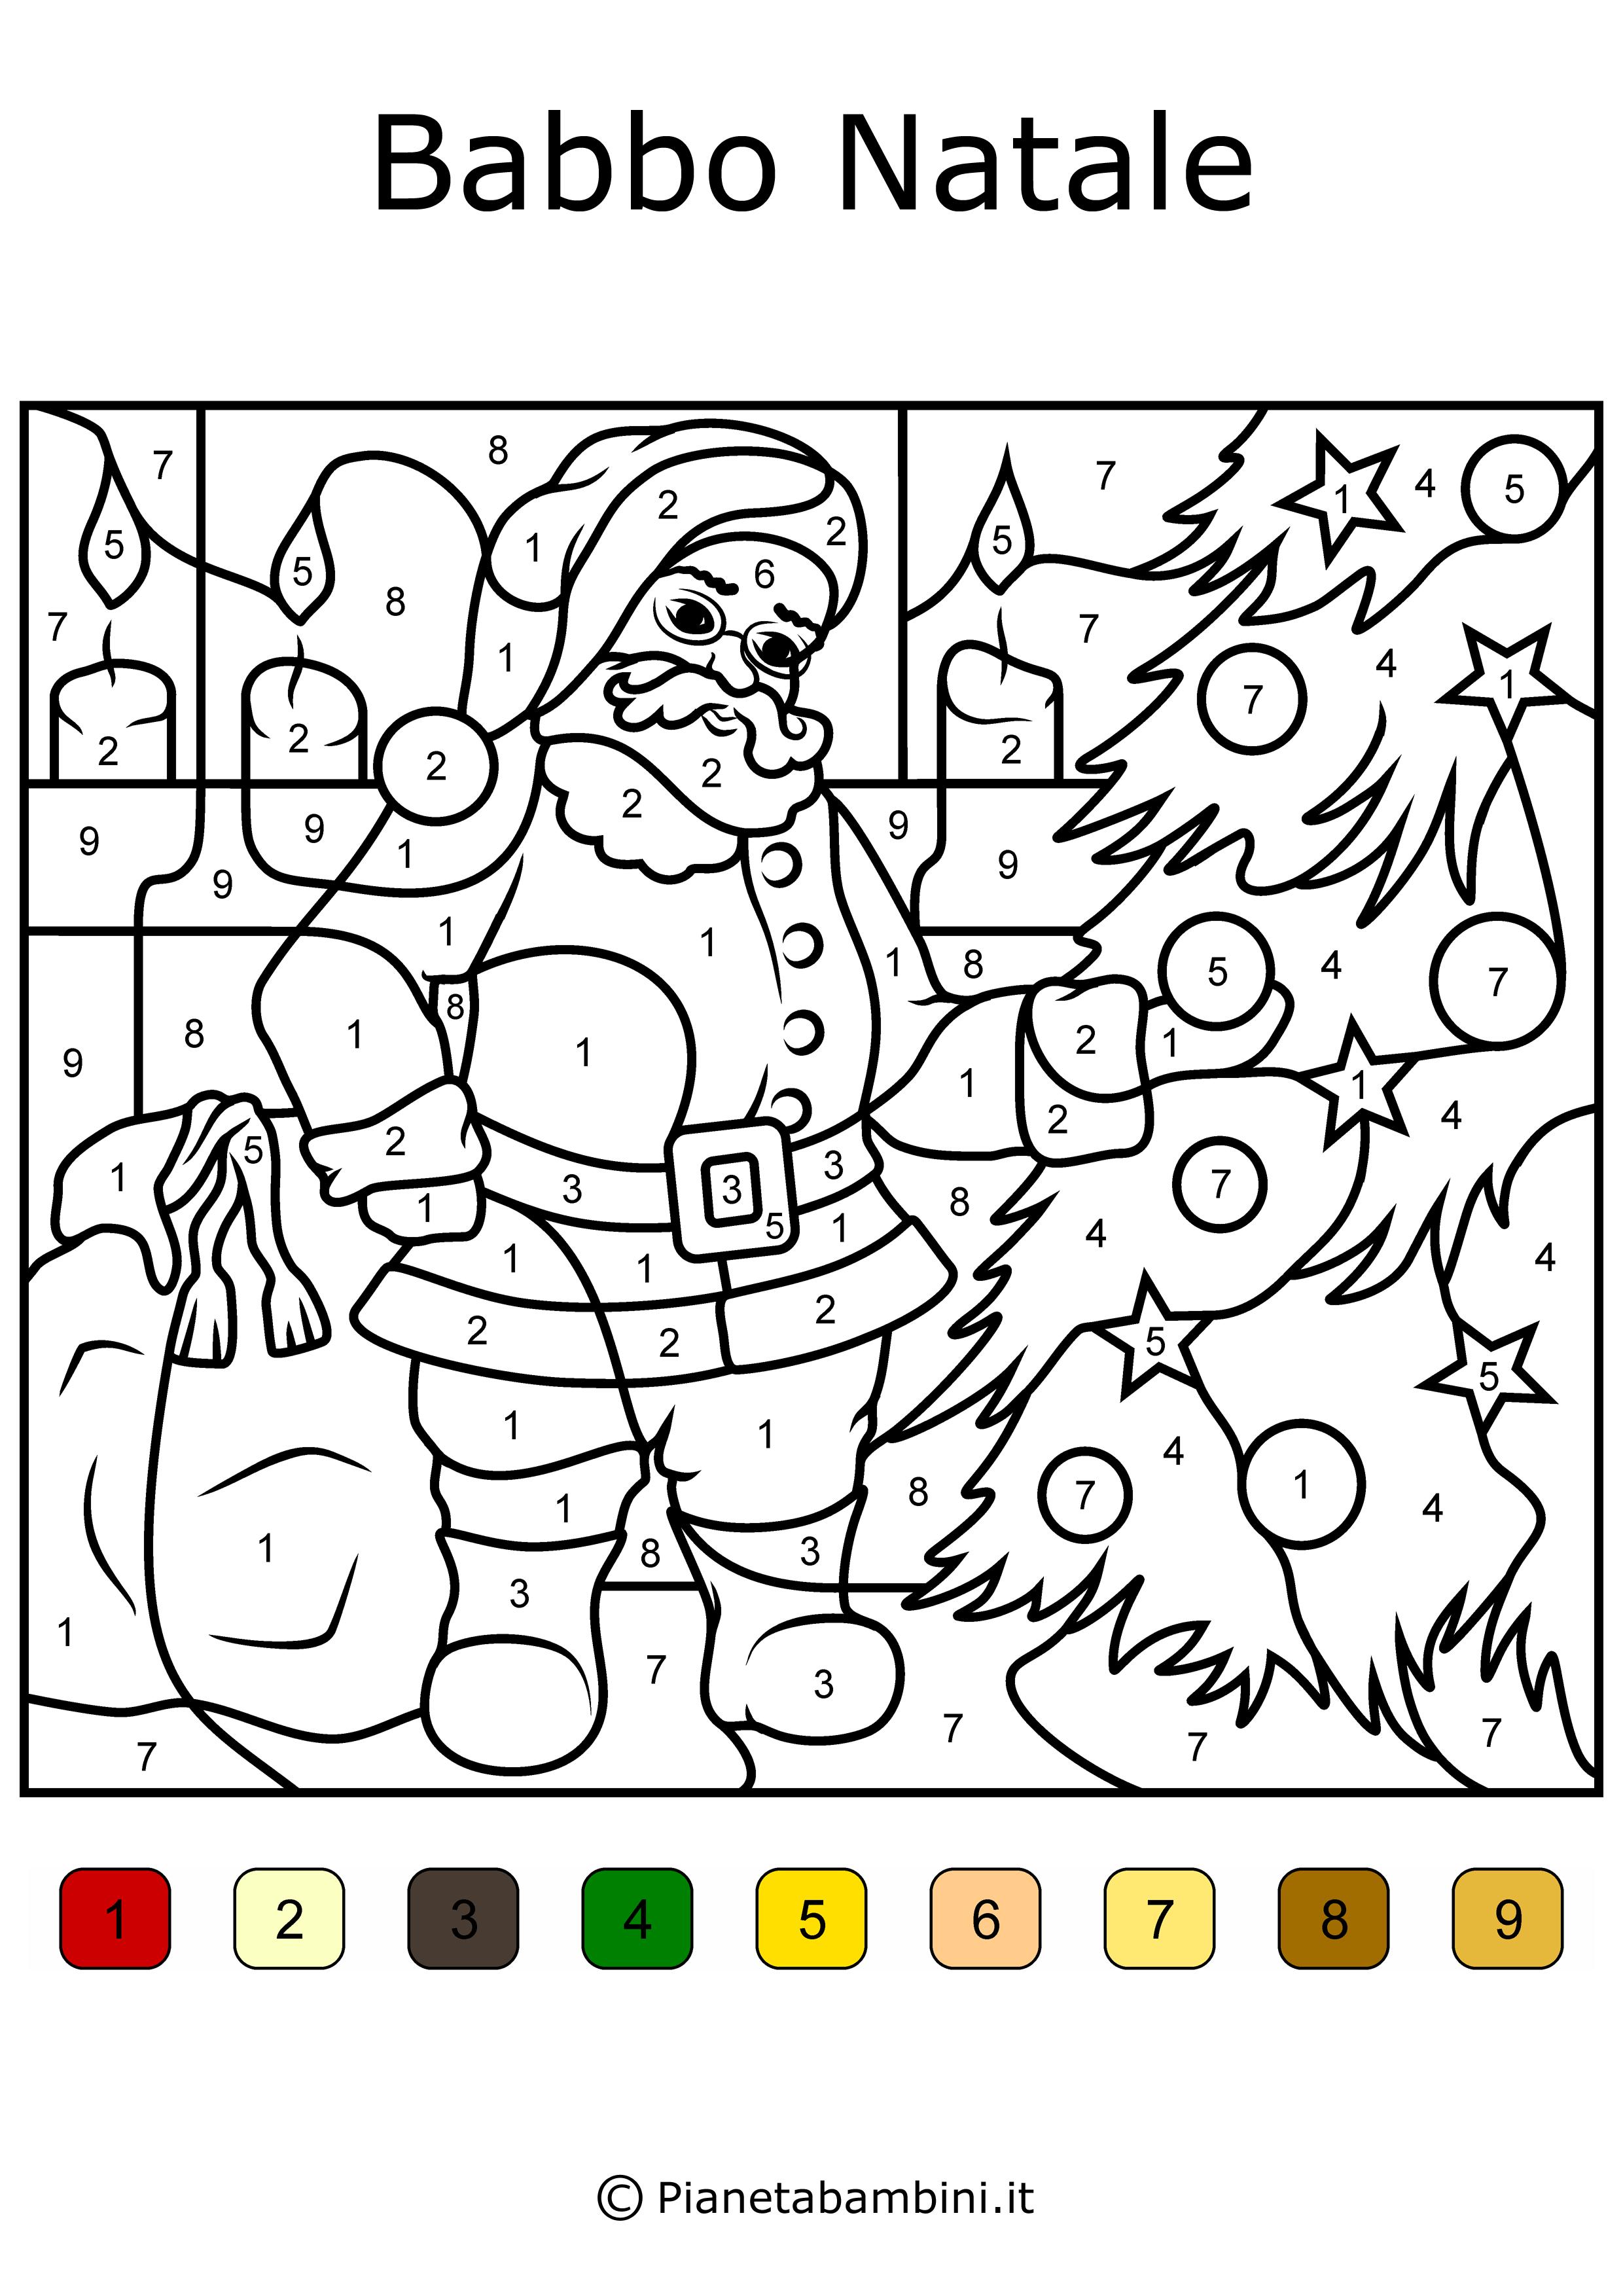 Conta-e-Colora-Difficile-Babbo-Natale